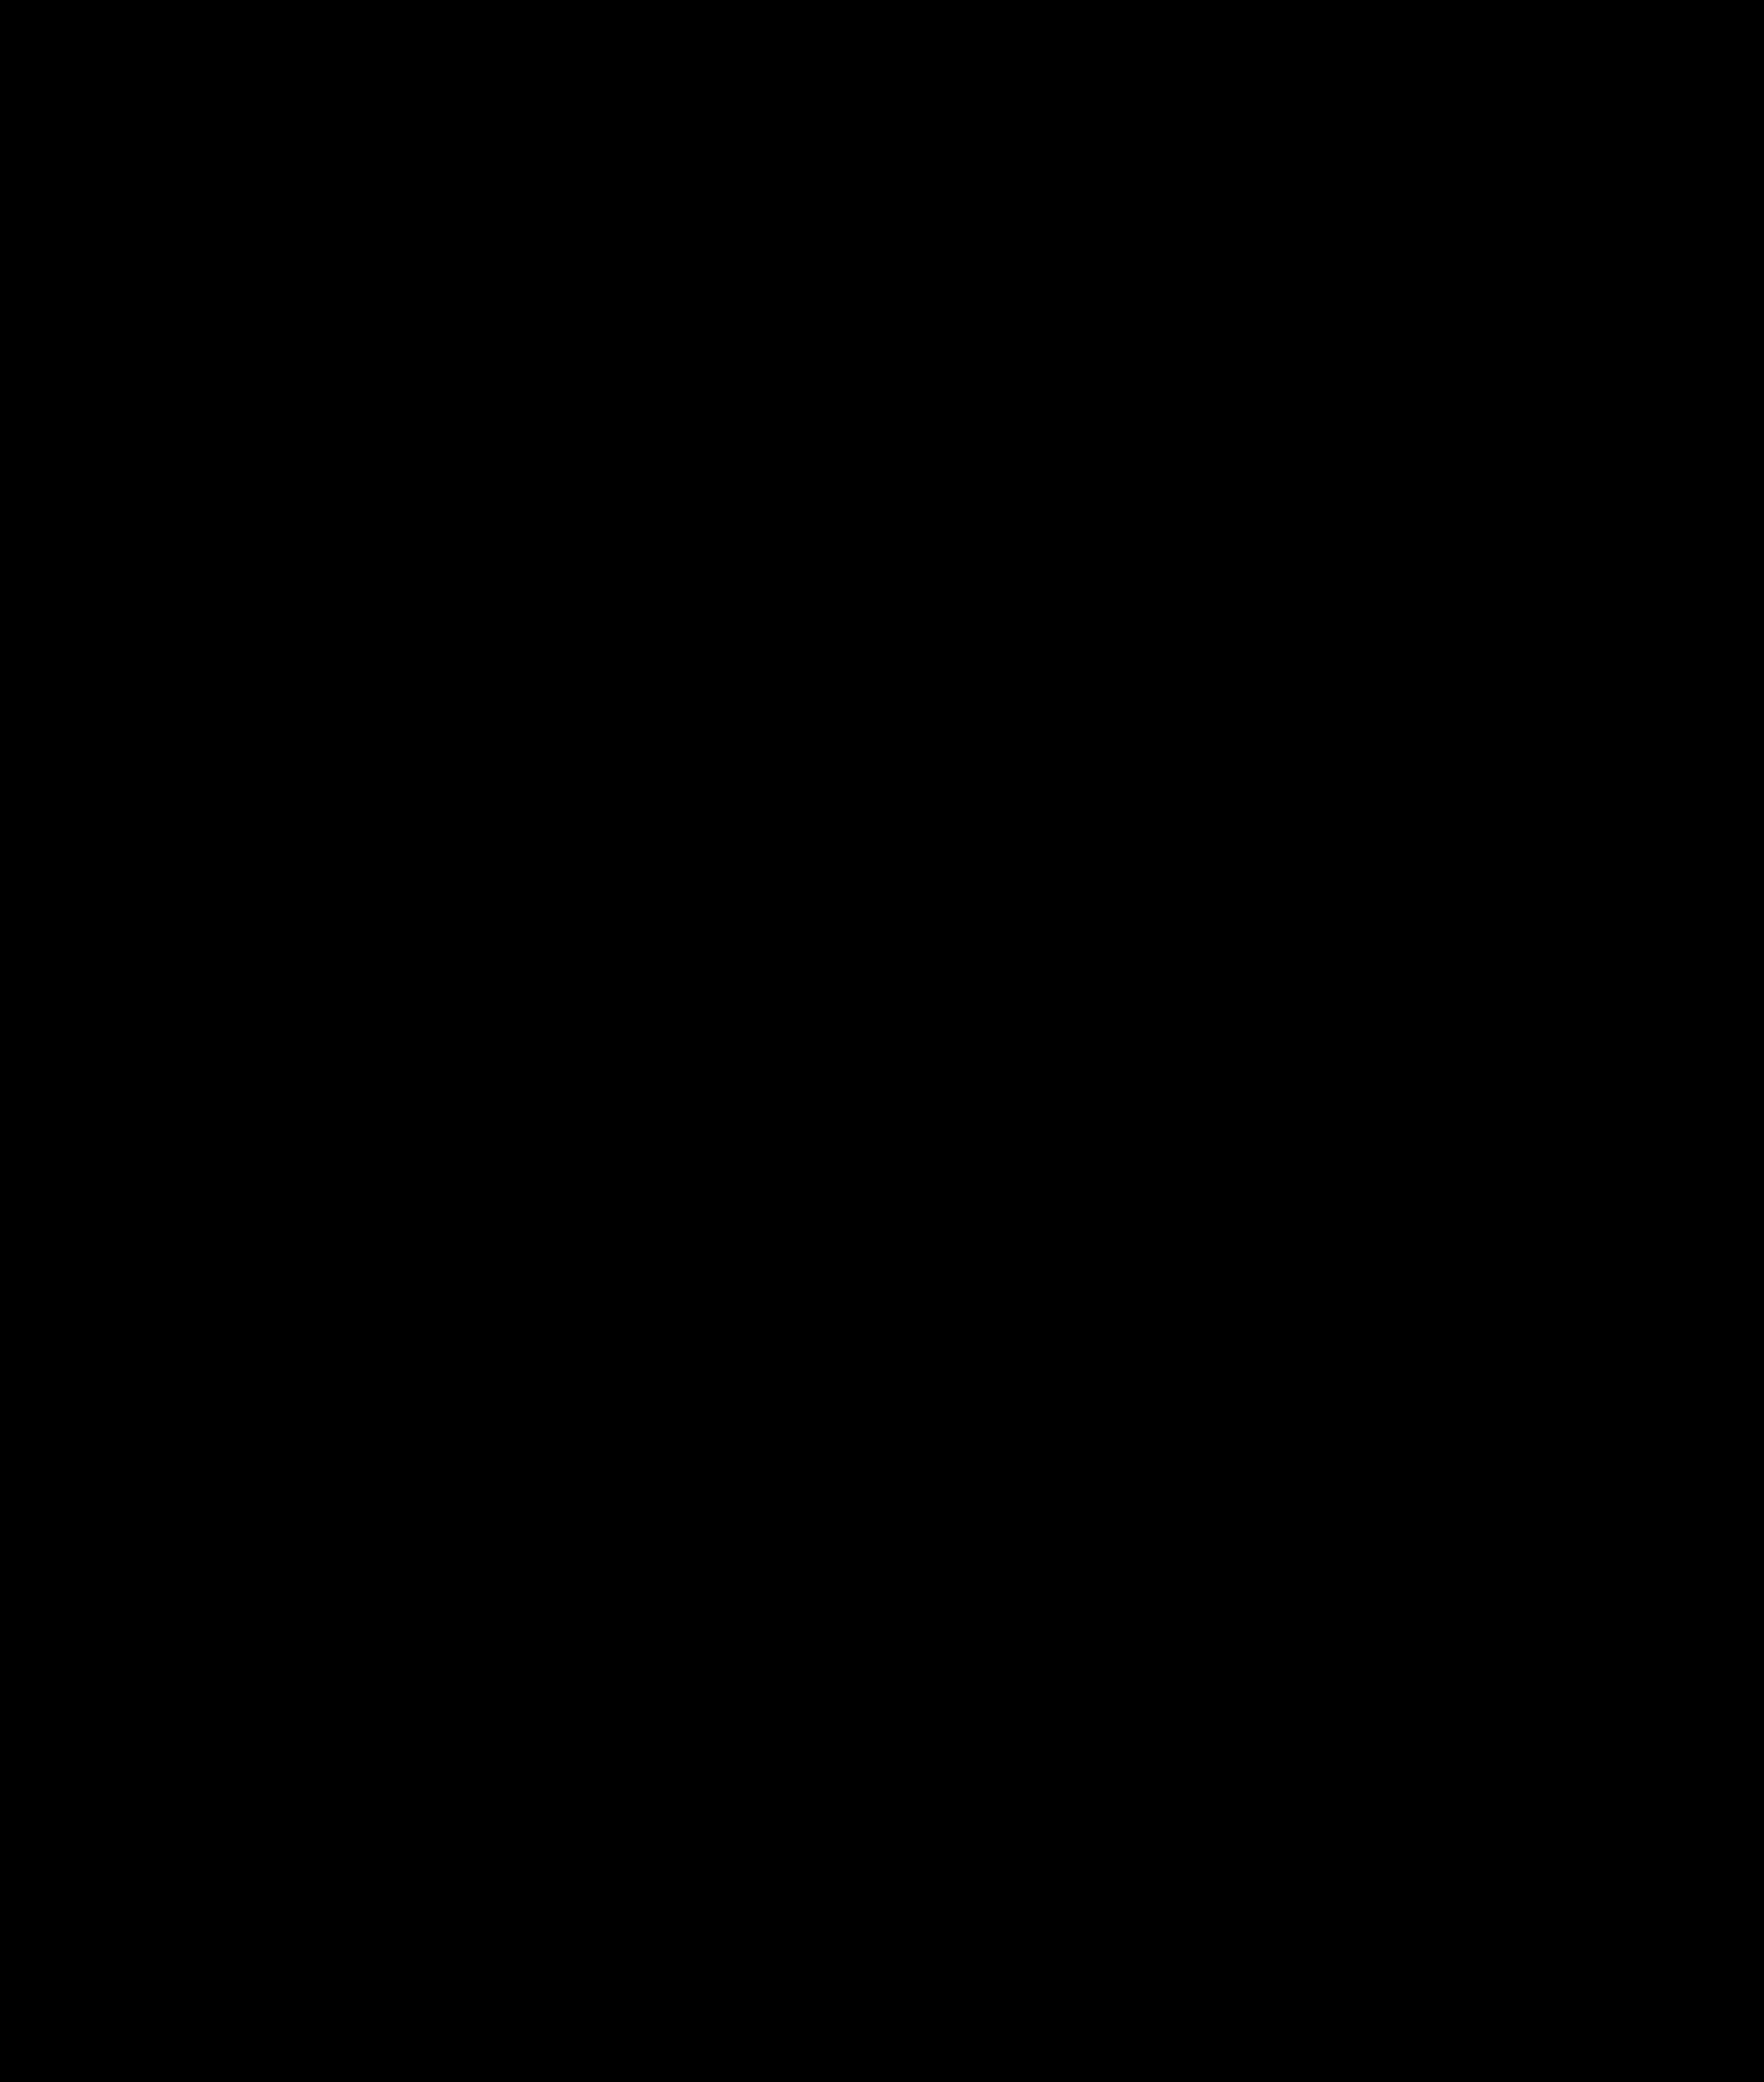 Oval clipart ellipse. Starry frame big image